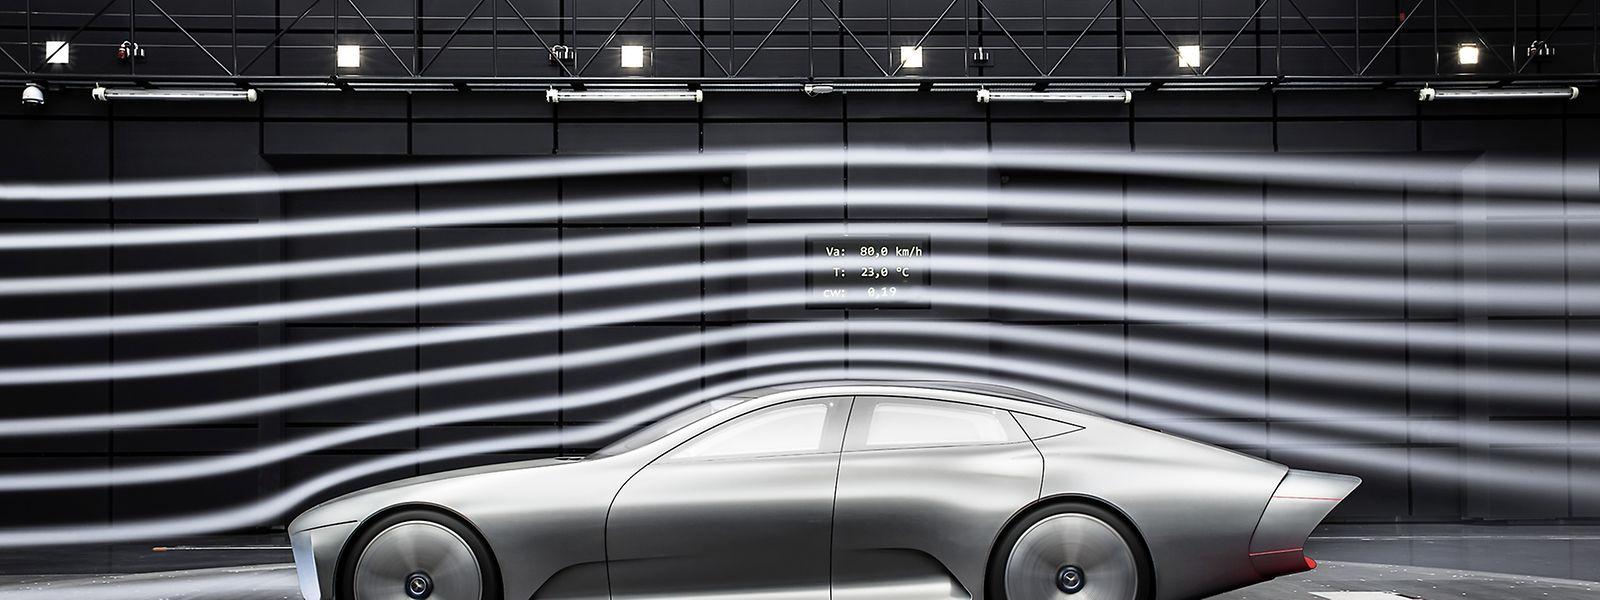 Die auf der IAA gezeigte Mercedes-Studie verringert über bewegliche Teile an der Außenhaut des Fahrzeugs bei schnellerer Fahrt den Luftwiderstand.